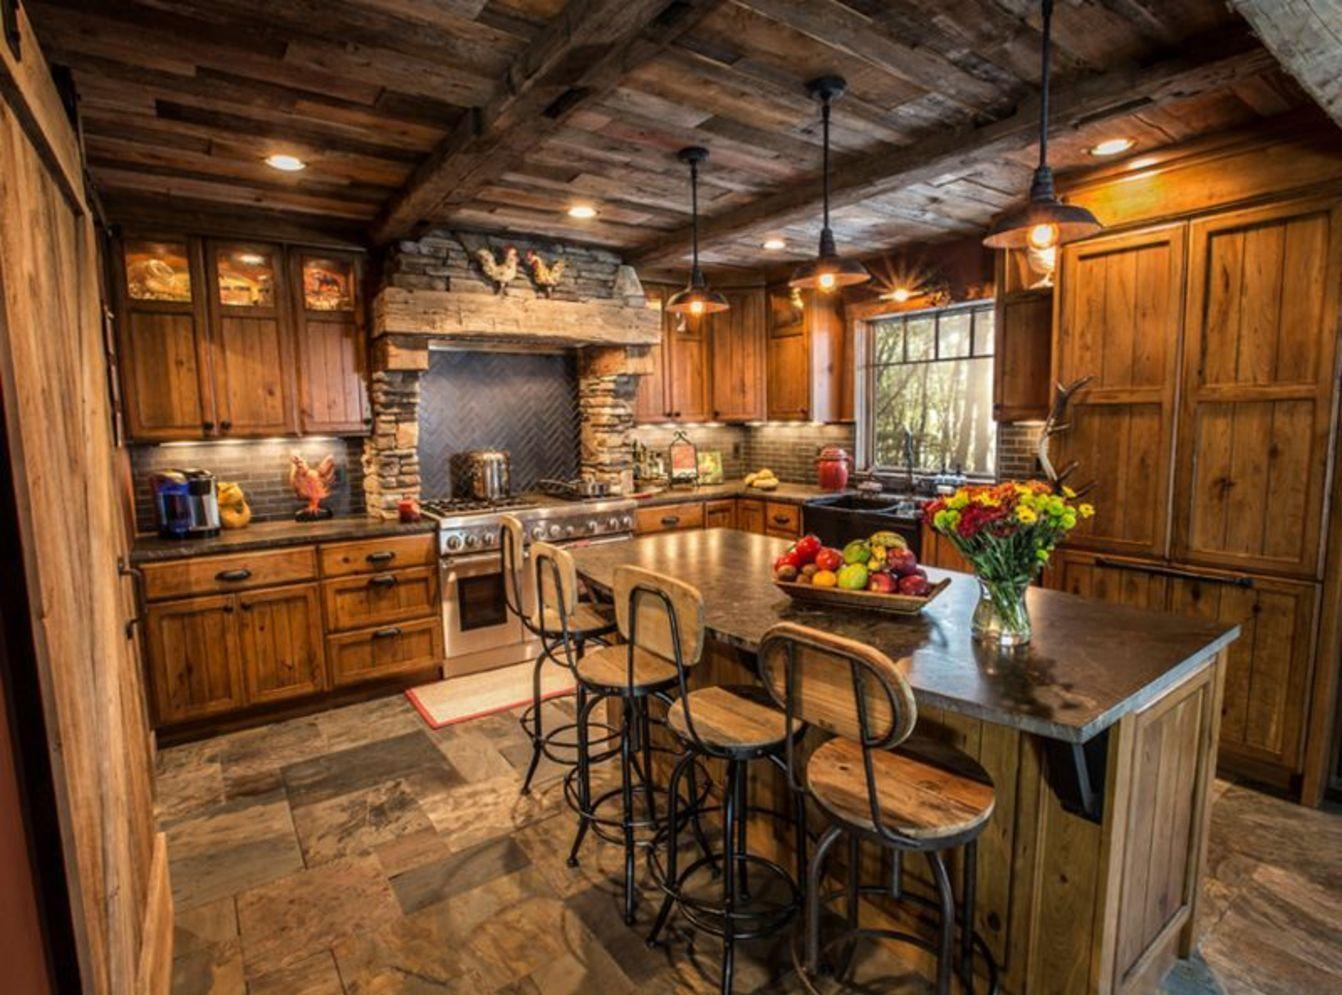 Splendid L-shaped kitchen